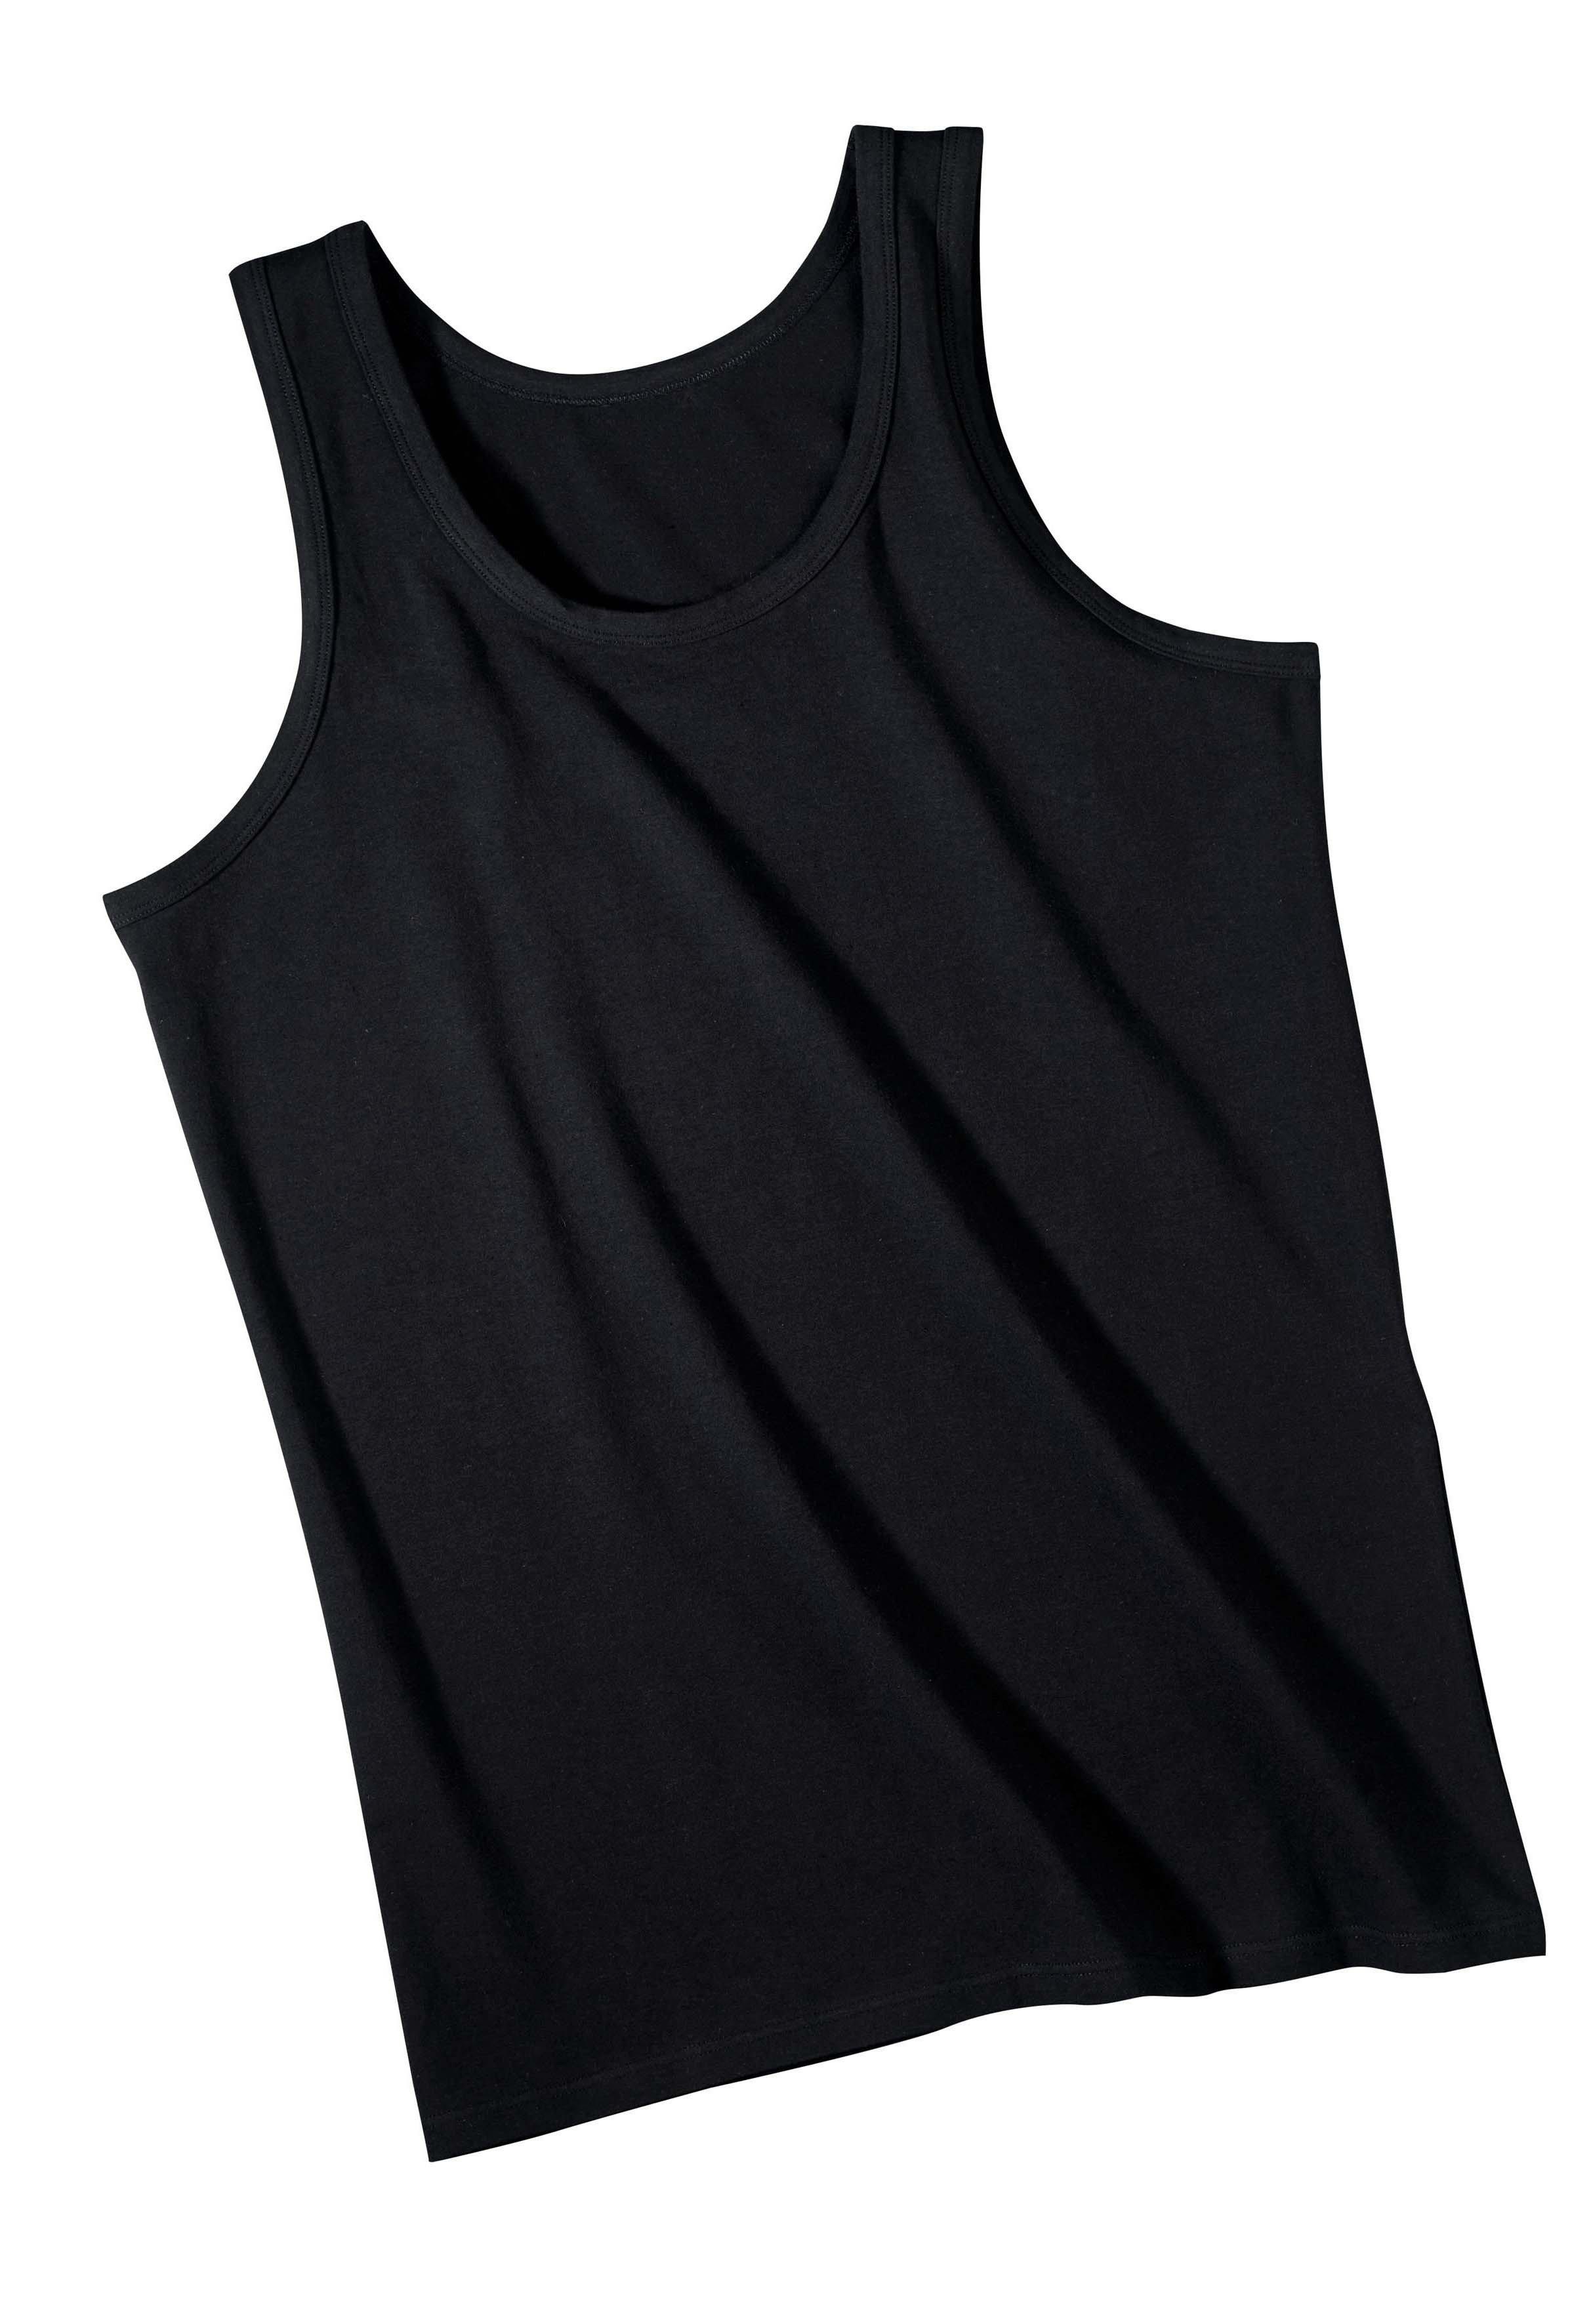 H-AL-Shirt,uni 3er-Set.schwarz L 010